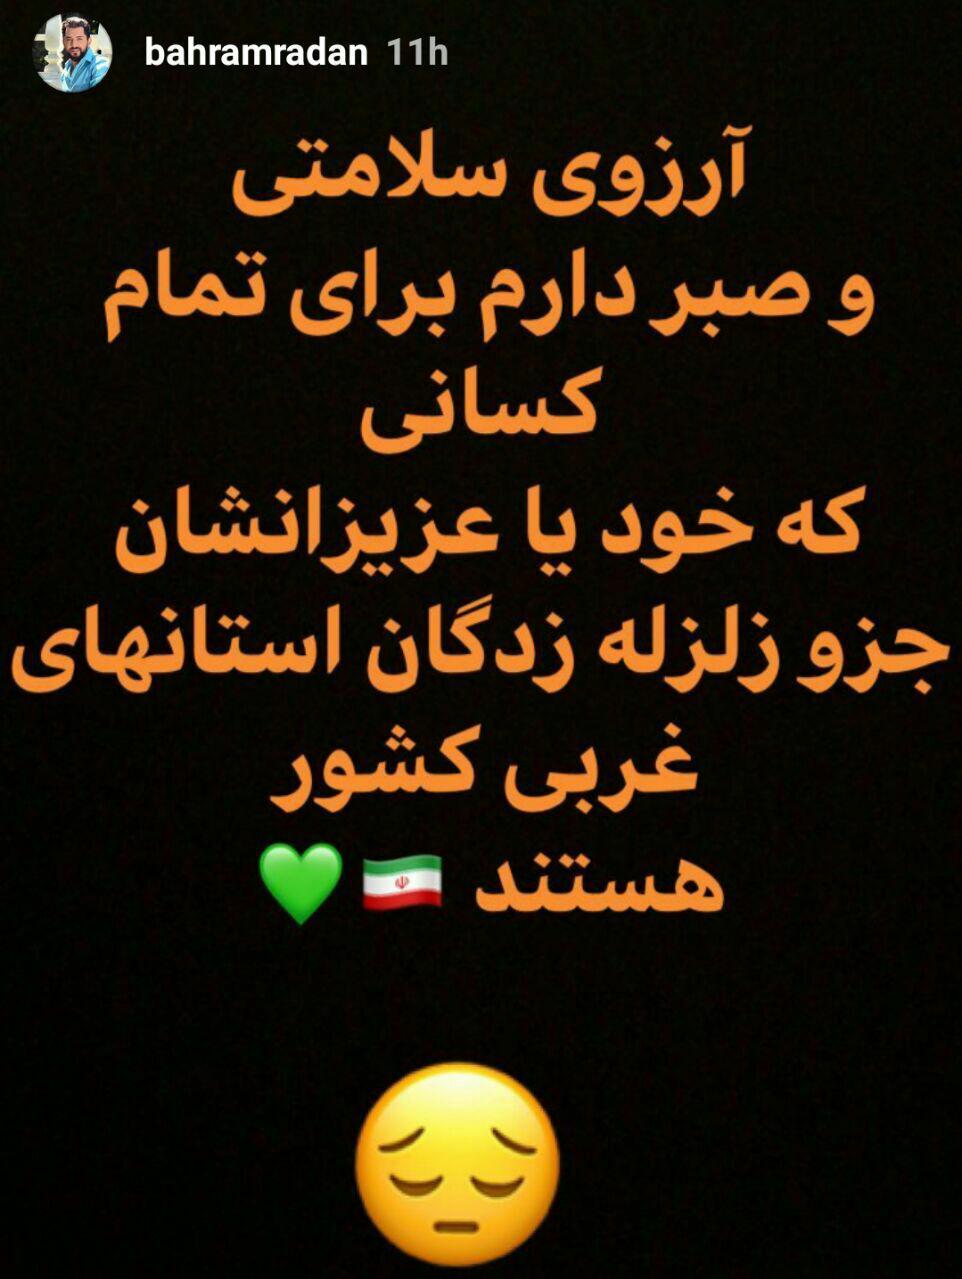 واکنش بهرام رادان به زلزله کرمانشاه